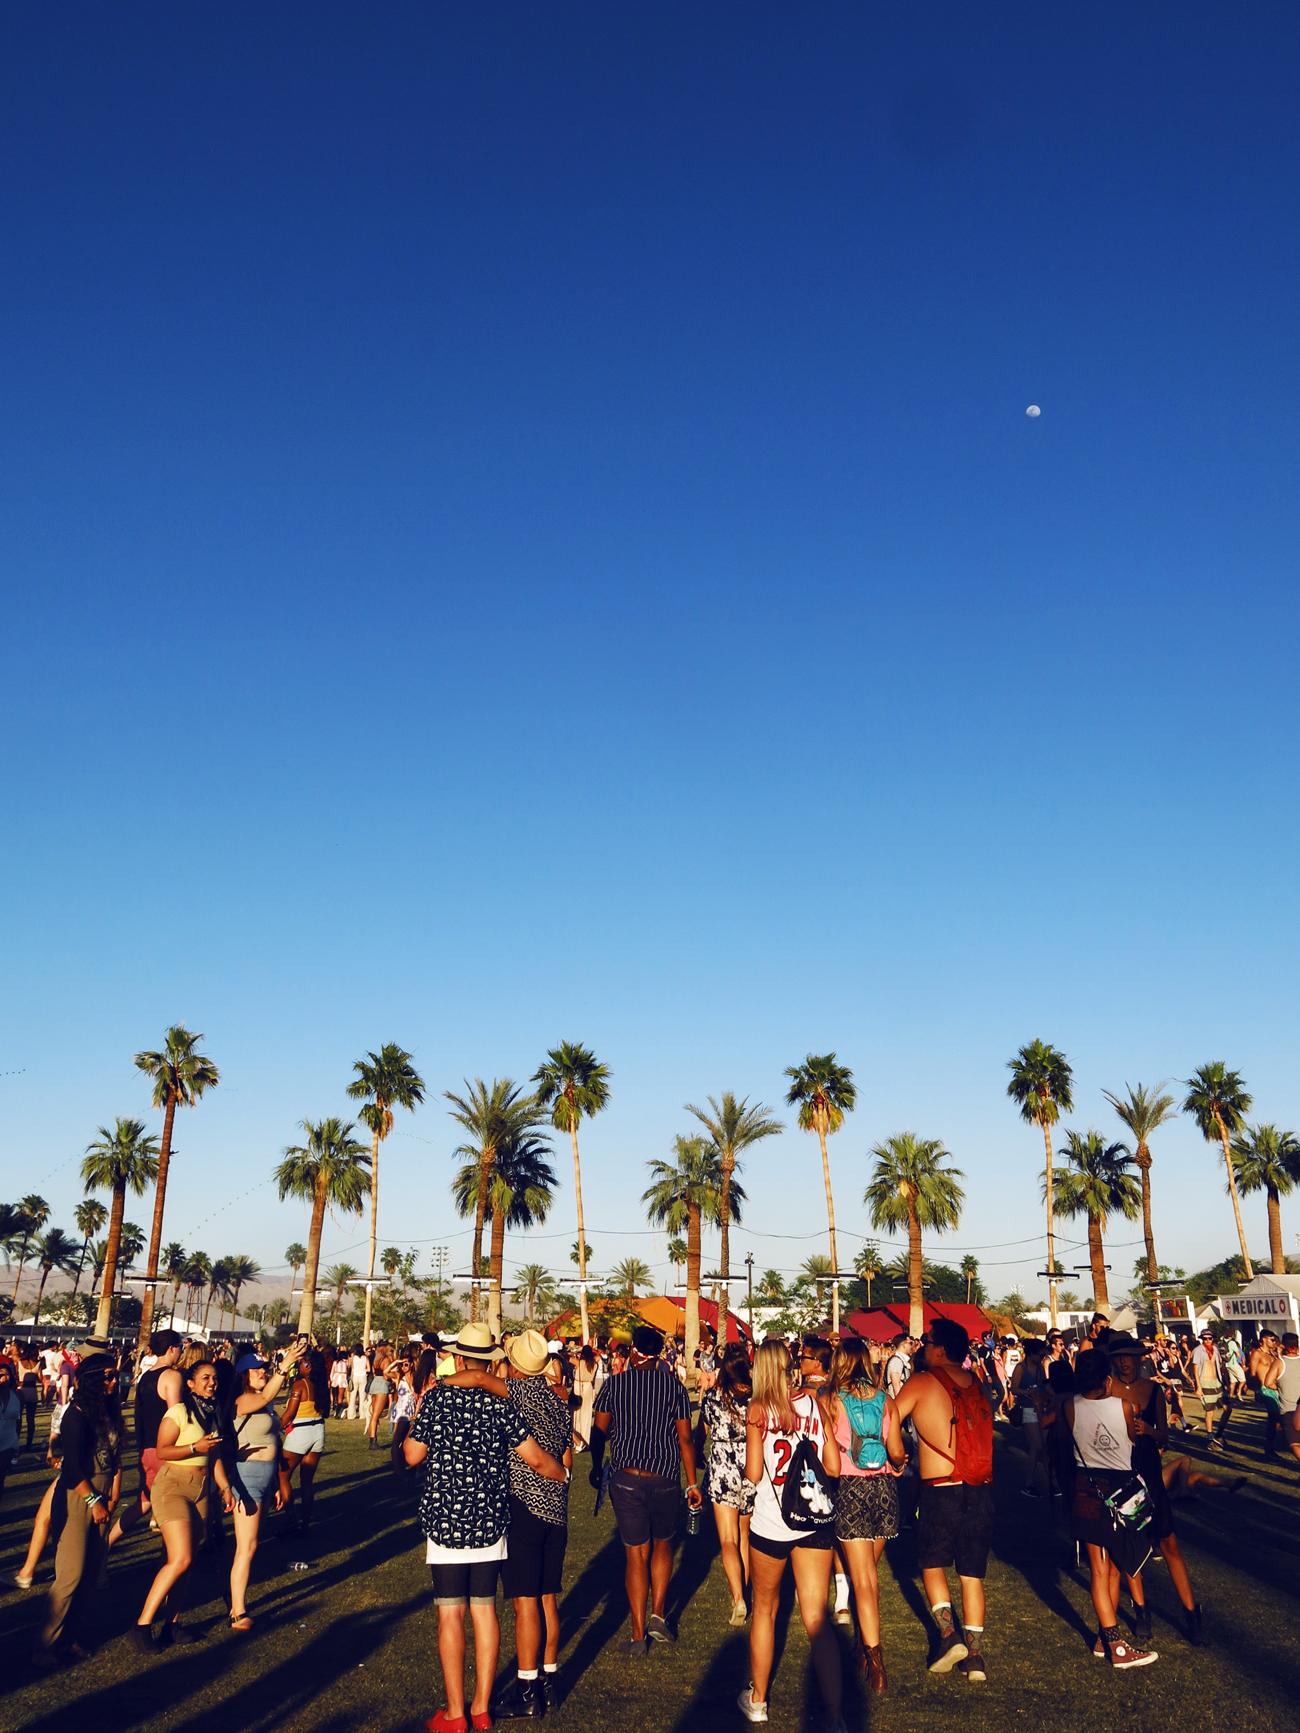 Kenza_Zouiten_Coachella_day3_20